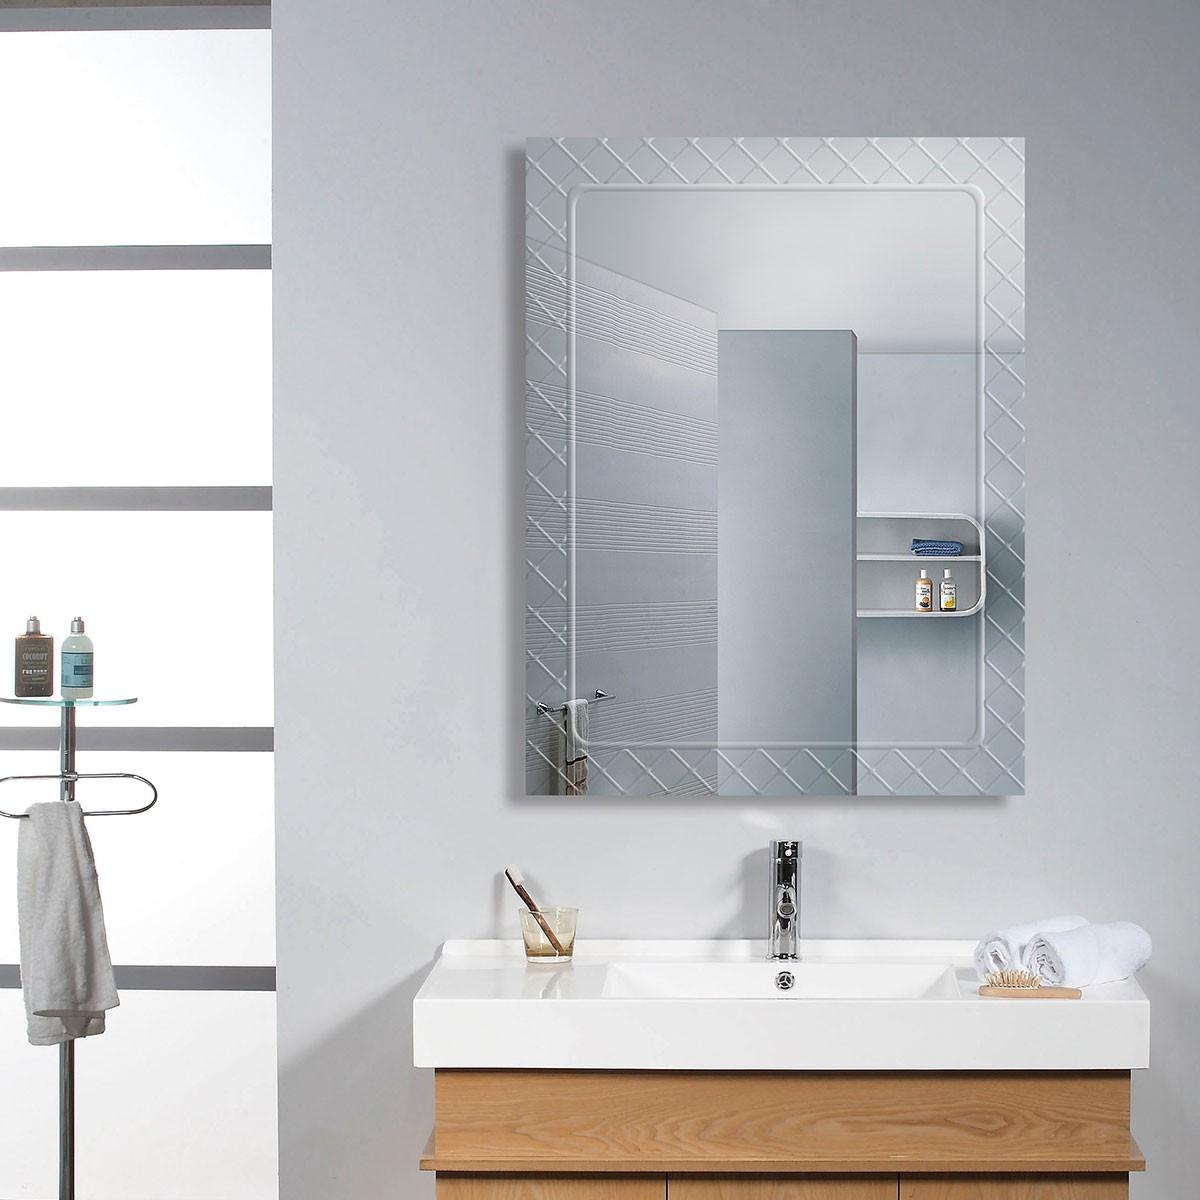 18 x 24 po Miroir Mural Salle de Bain Classique Rectangulaire sans Cadre - Accrochage Vertical (DK-OD-B083C)